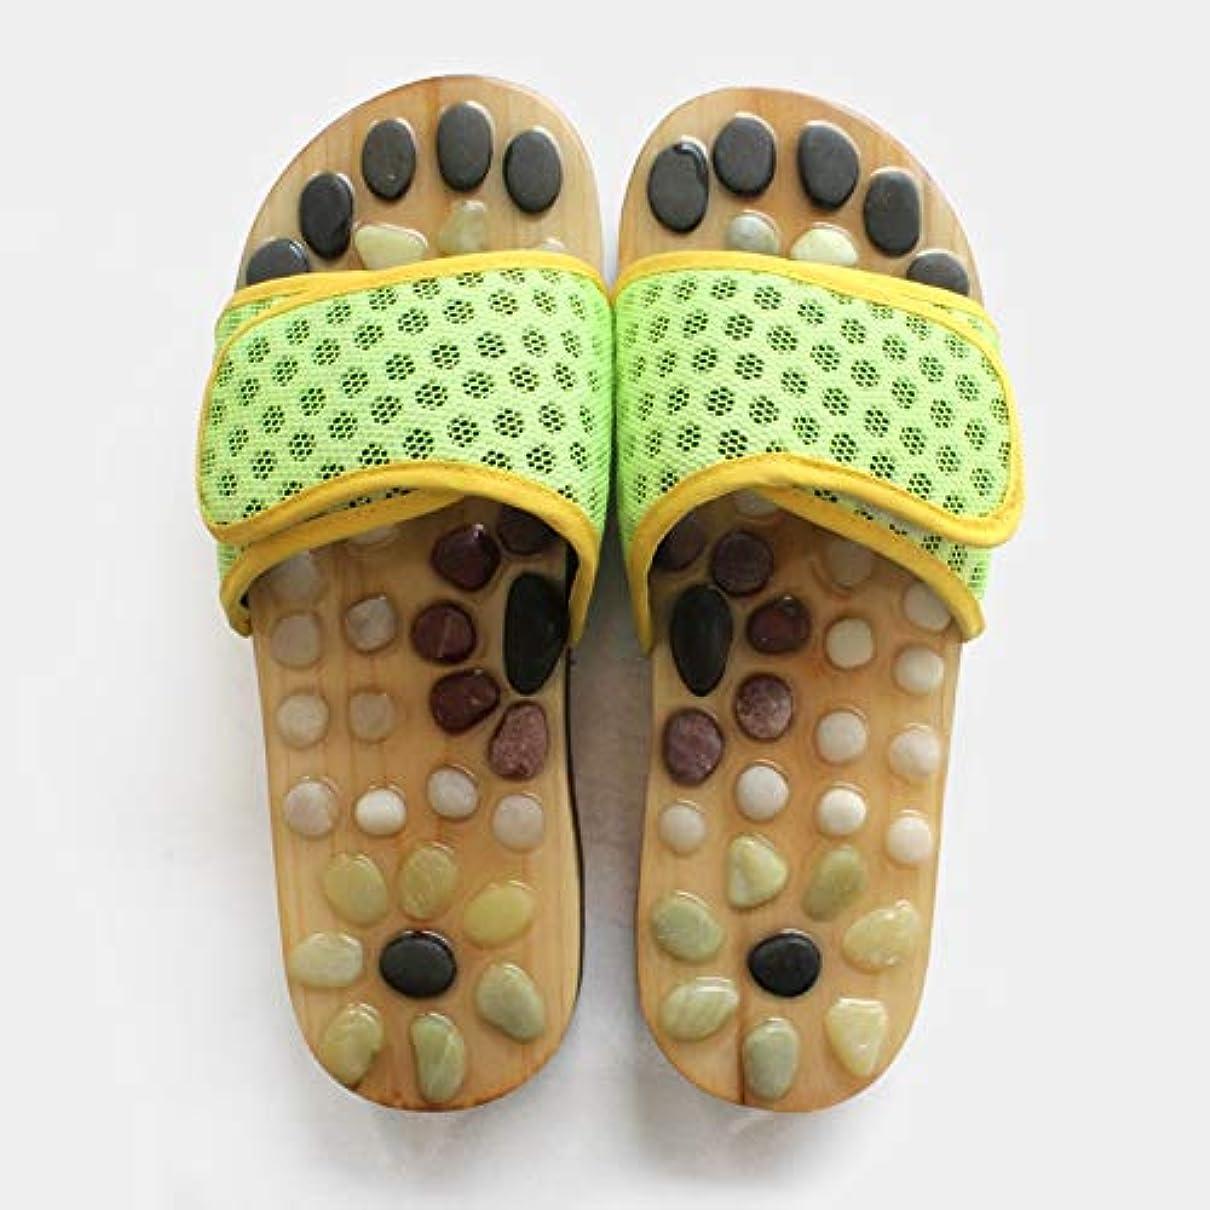 隙間実り多いバクテリアCornelius 天然玉石のマッサージの靴屋内健康の夏の家の鍼治療の靴の緑 (Color : Green, Size : 42)